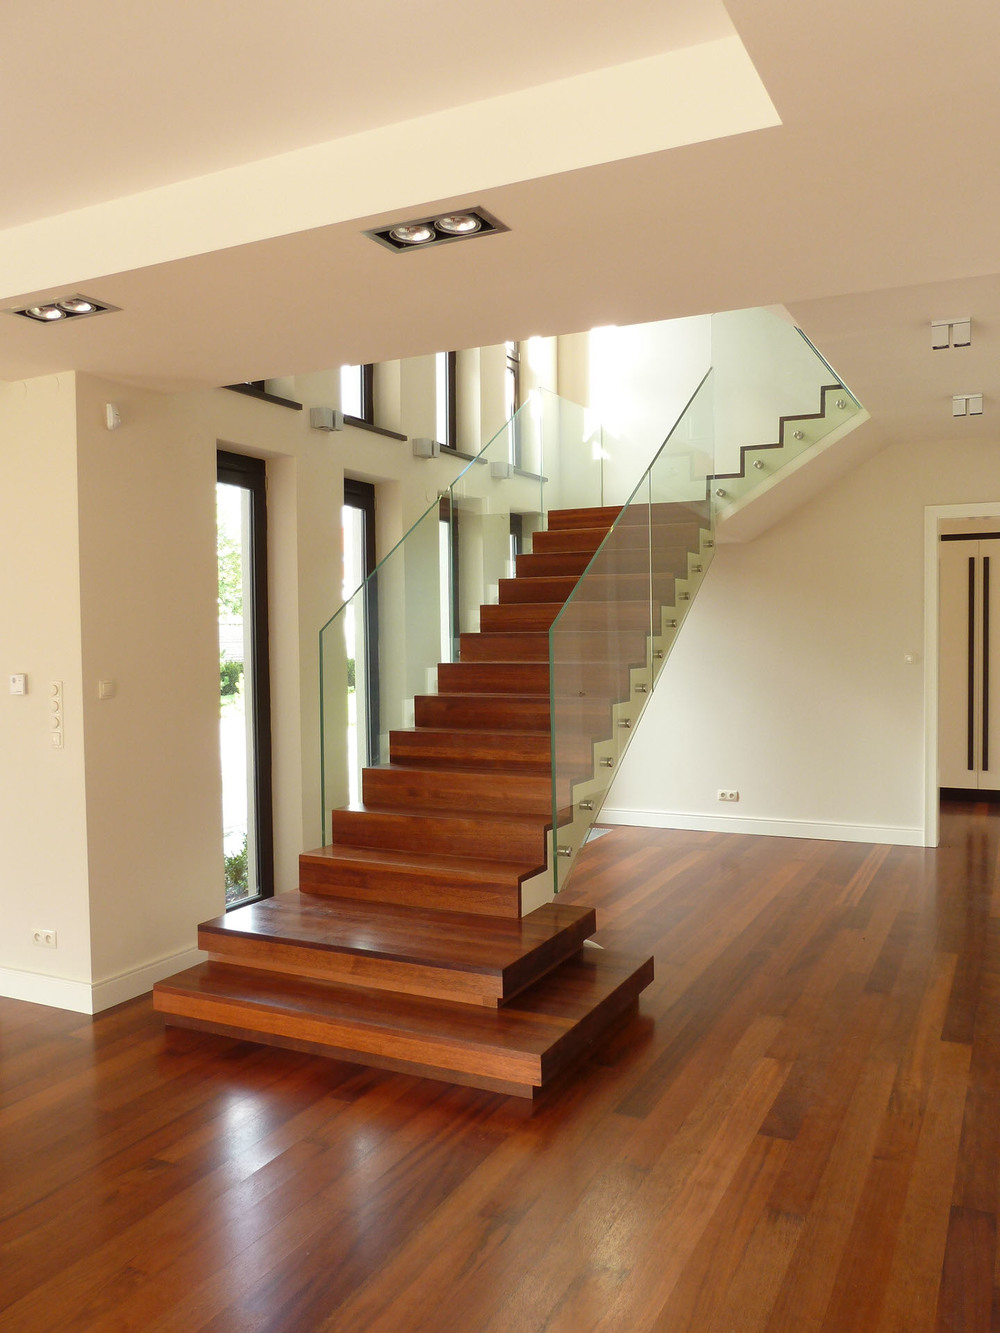 Oryginalne drewniane schody ze szklaną balustradą